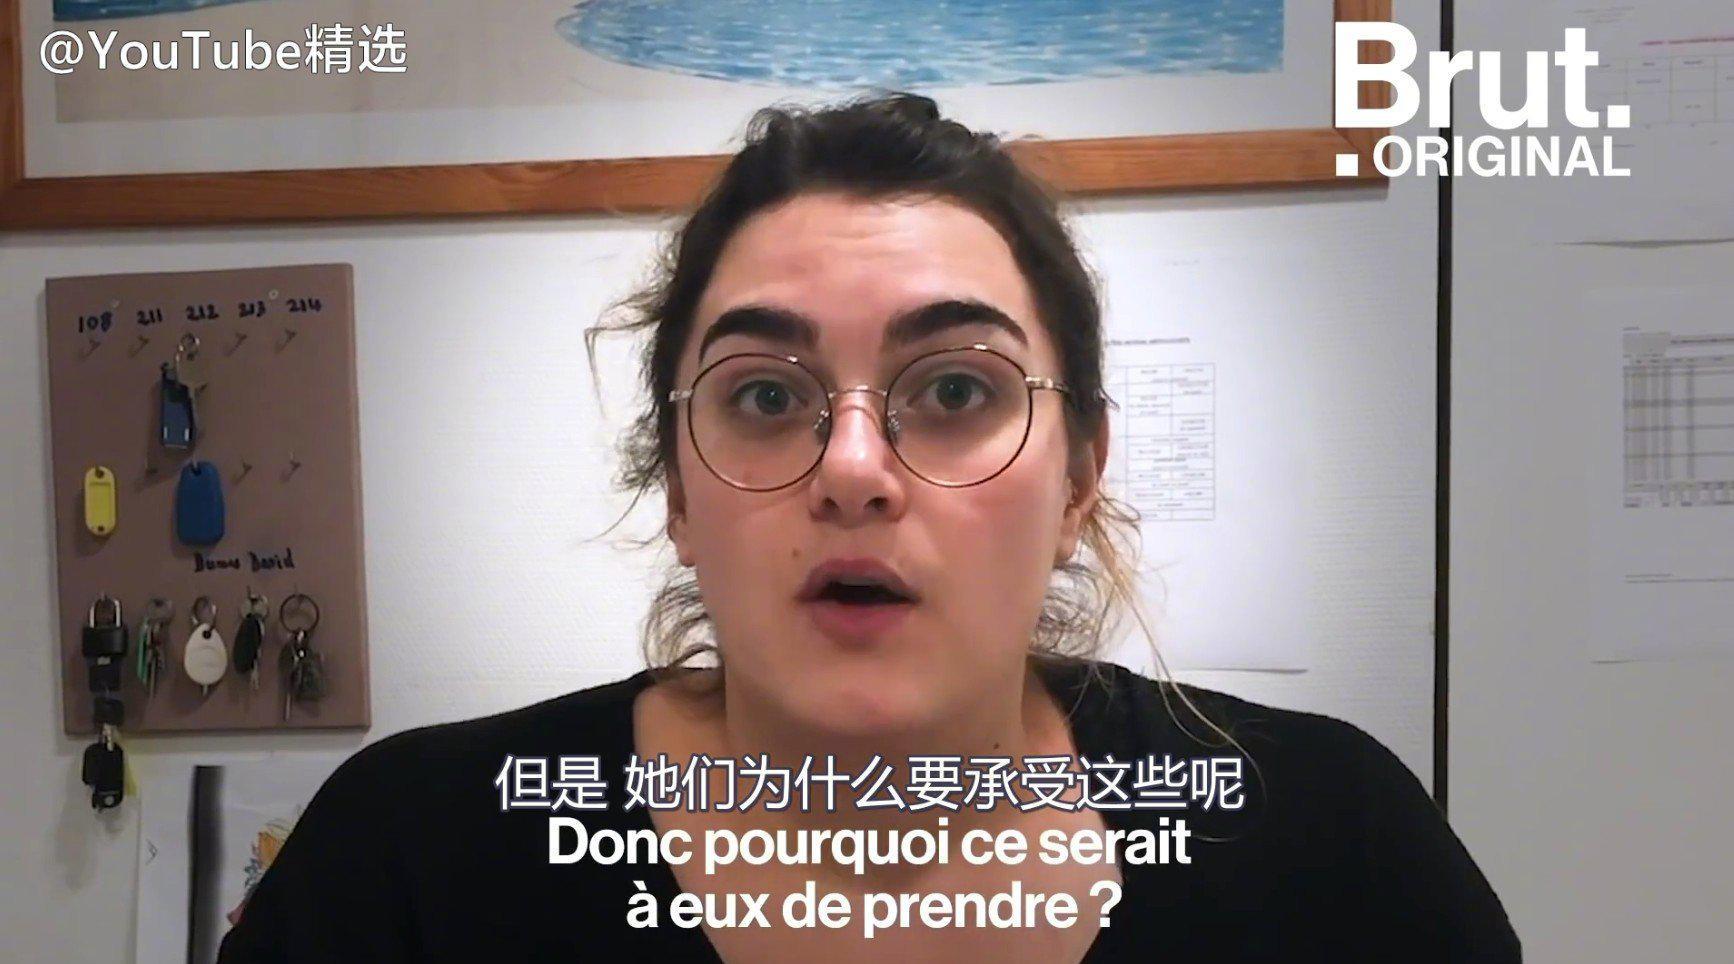 法国解决家暴现象的特殊机构——施暴者收容所